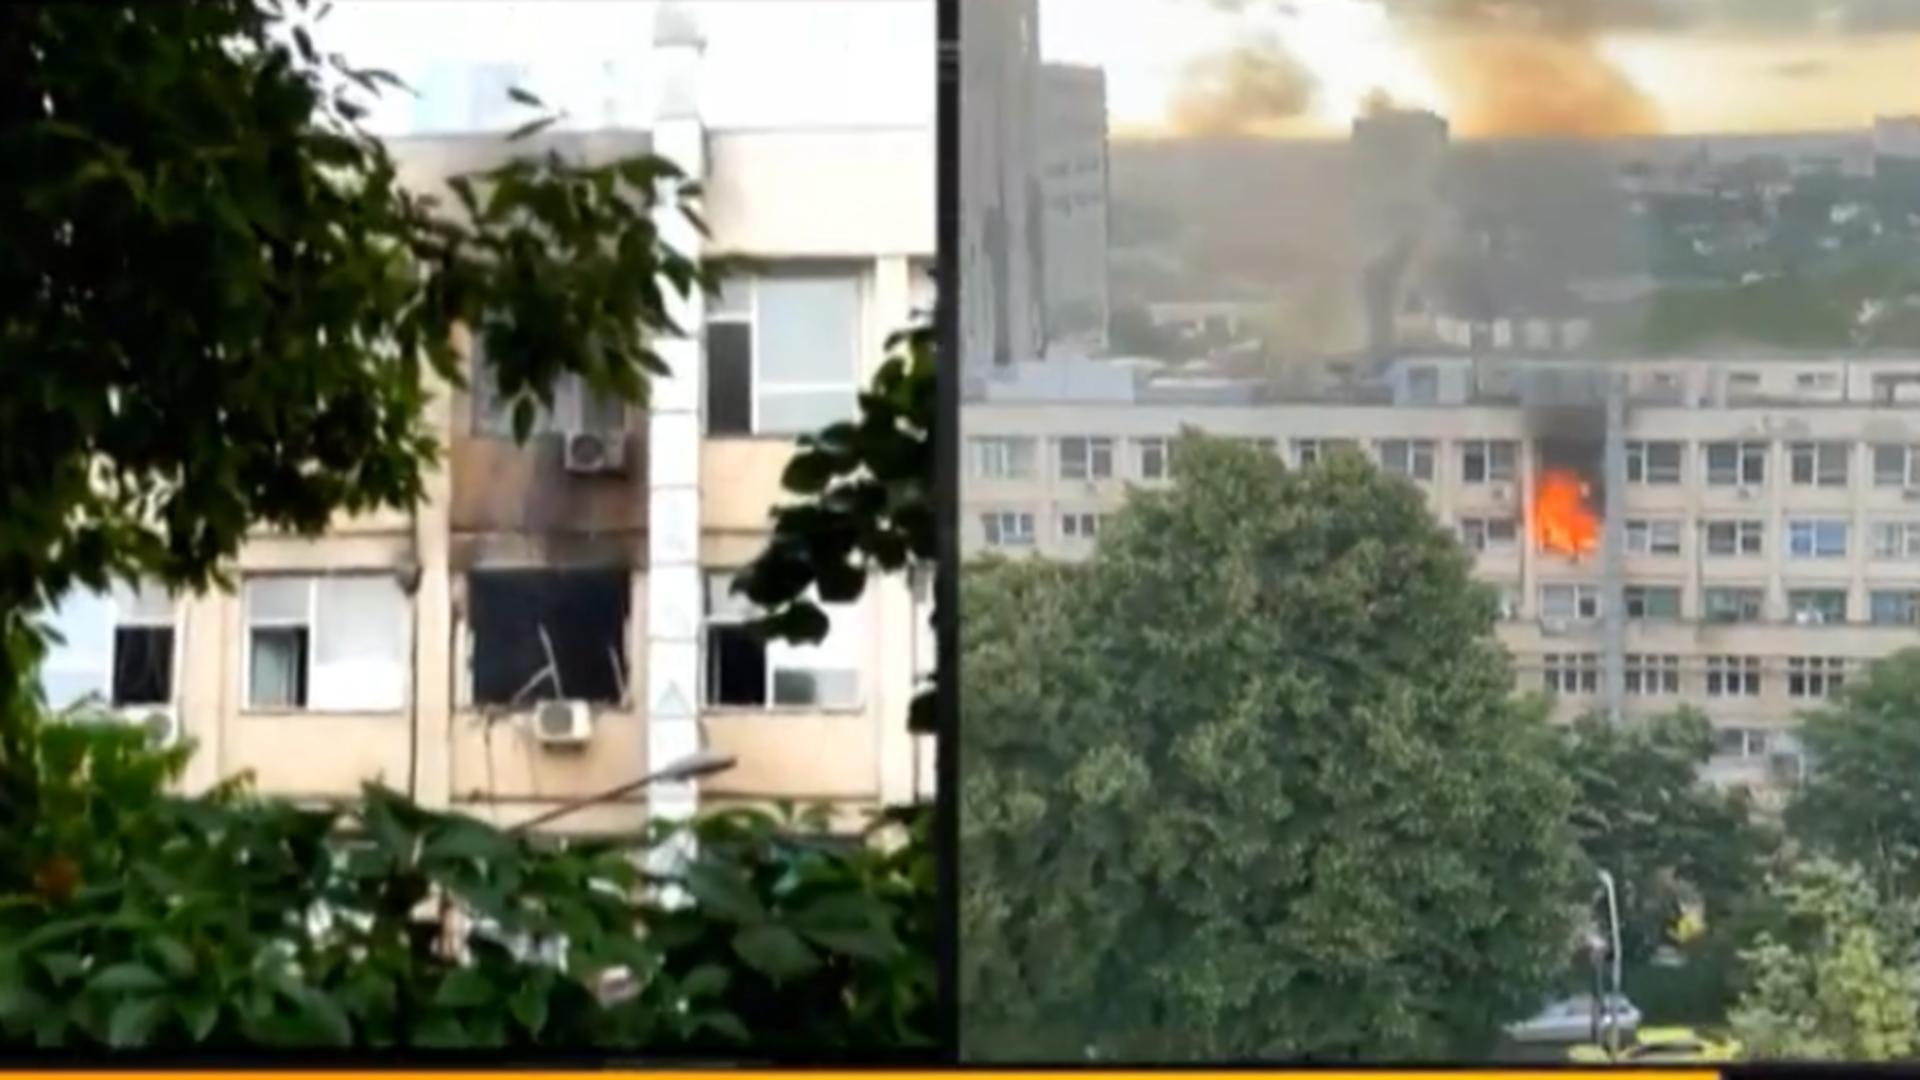 Incendiu la Spitalul de copii din Iași. Foto: captură Realitatea Plus